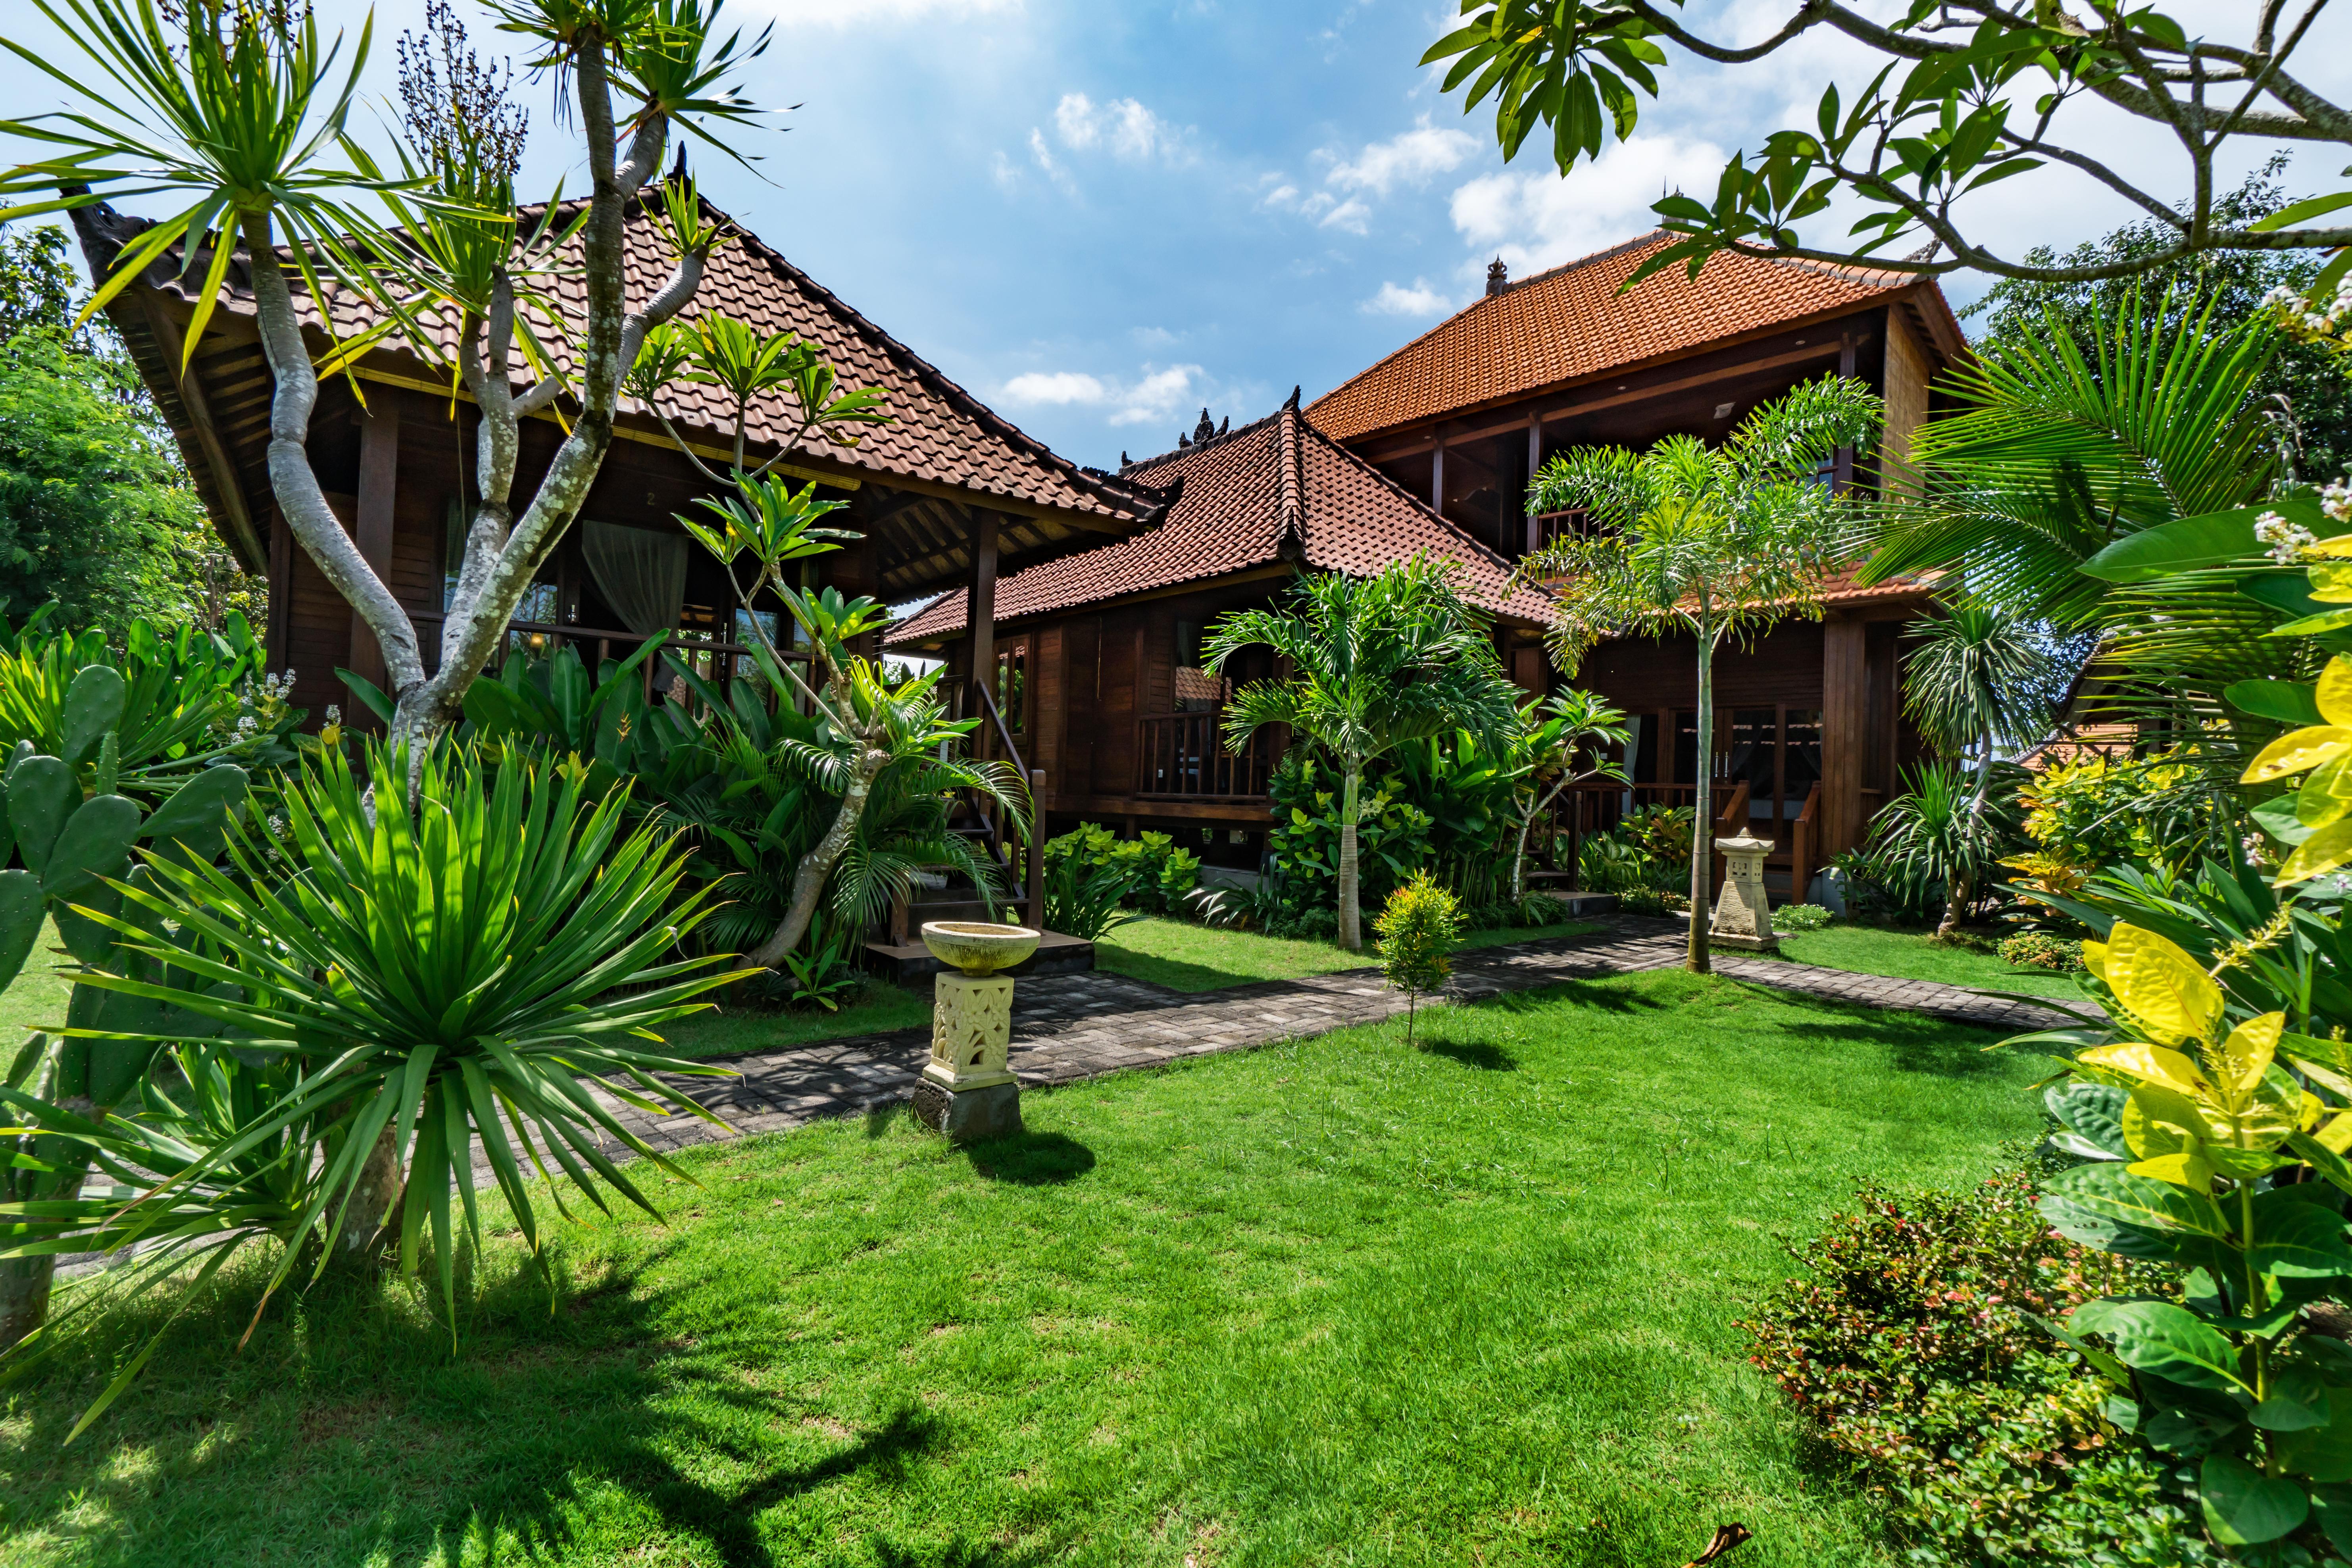 The Cozy Villa Garden View (19)